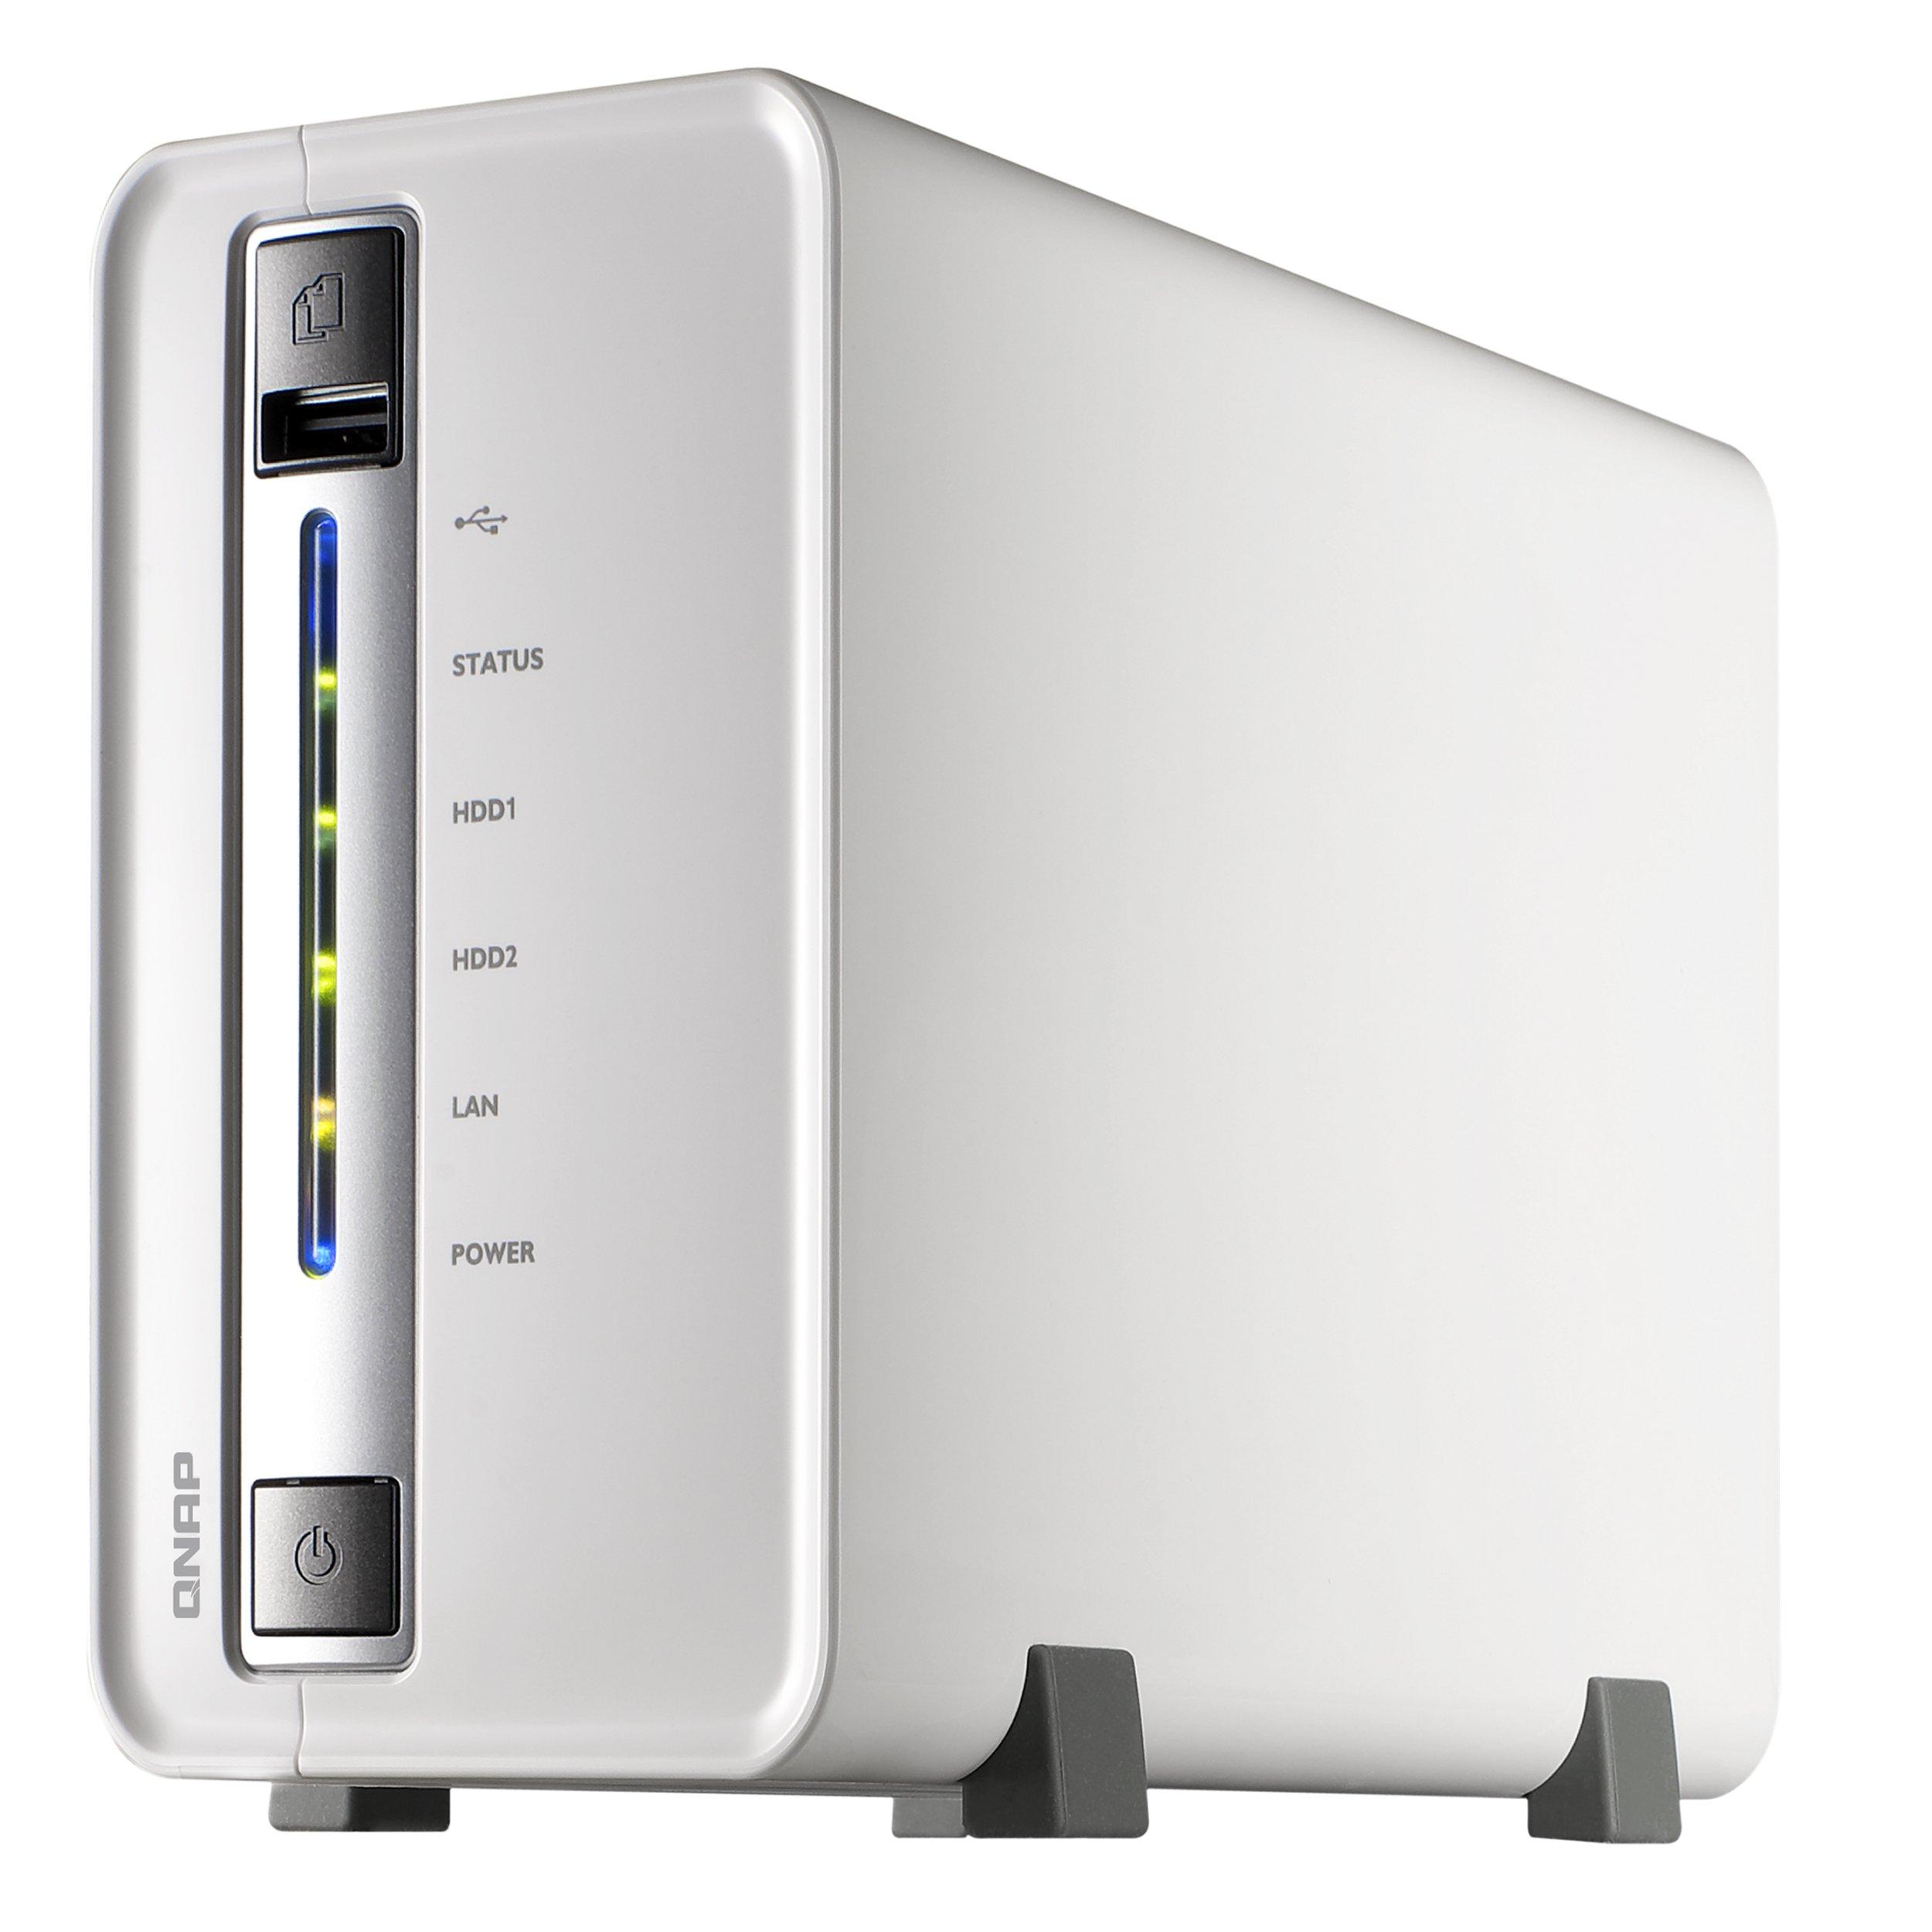 Storage para 2 Discos NAS TS-212 Qnap